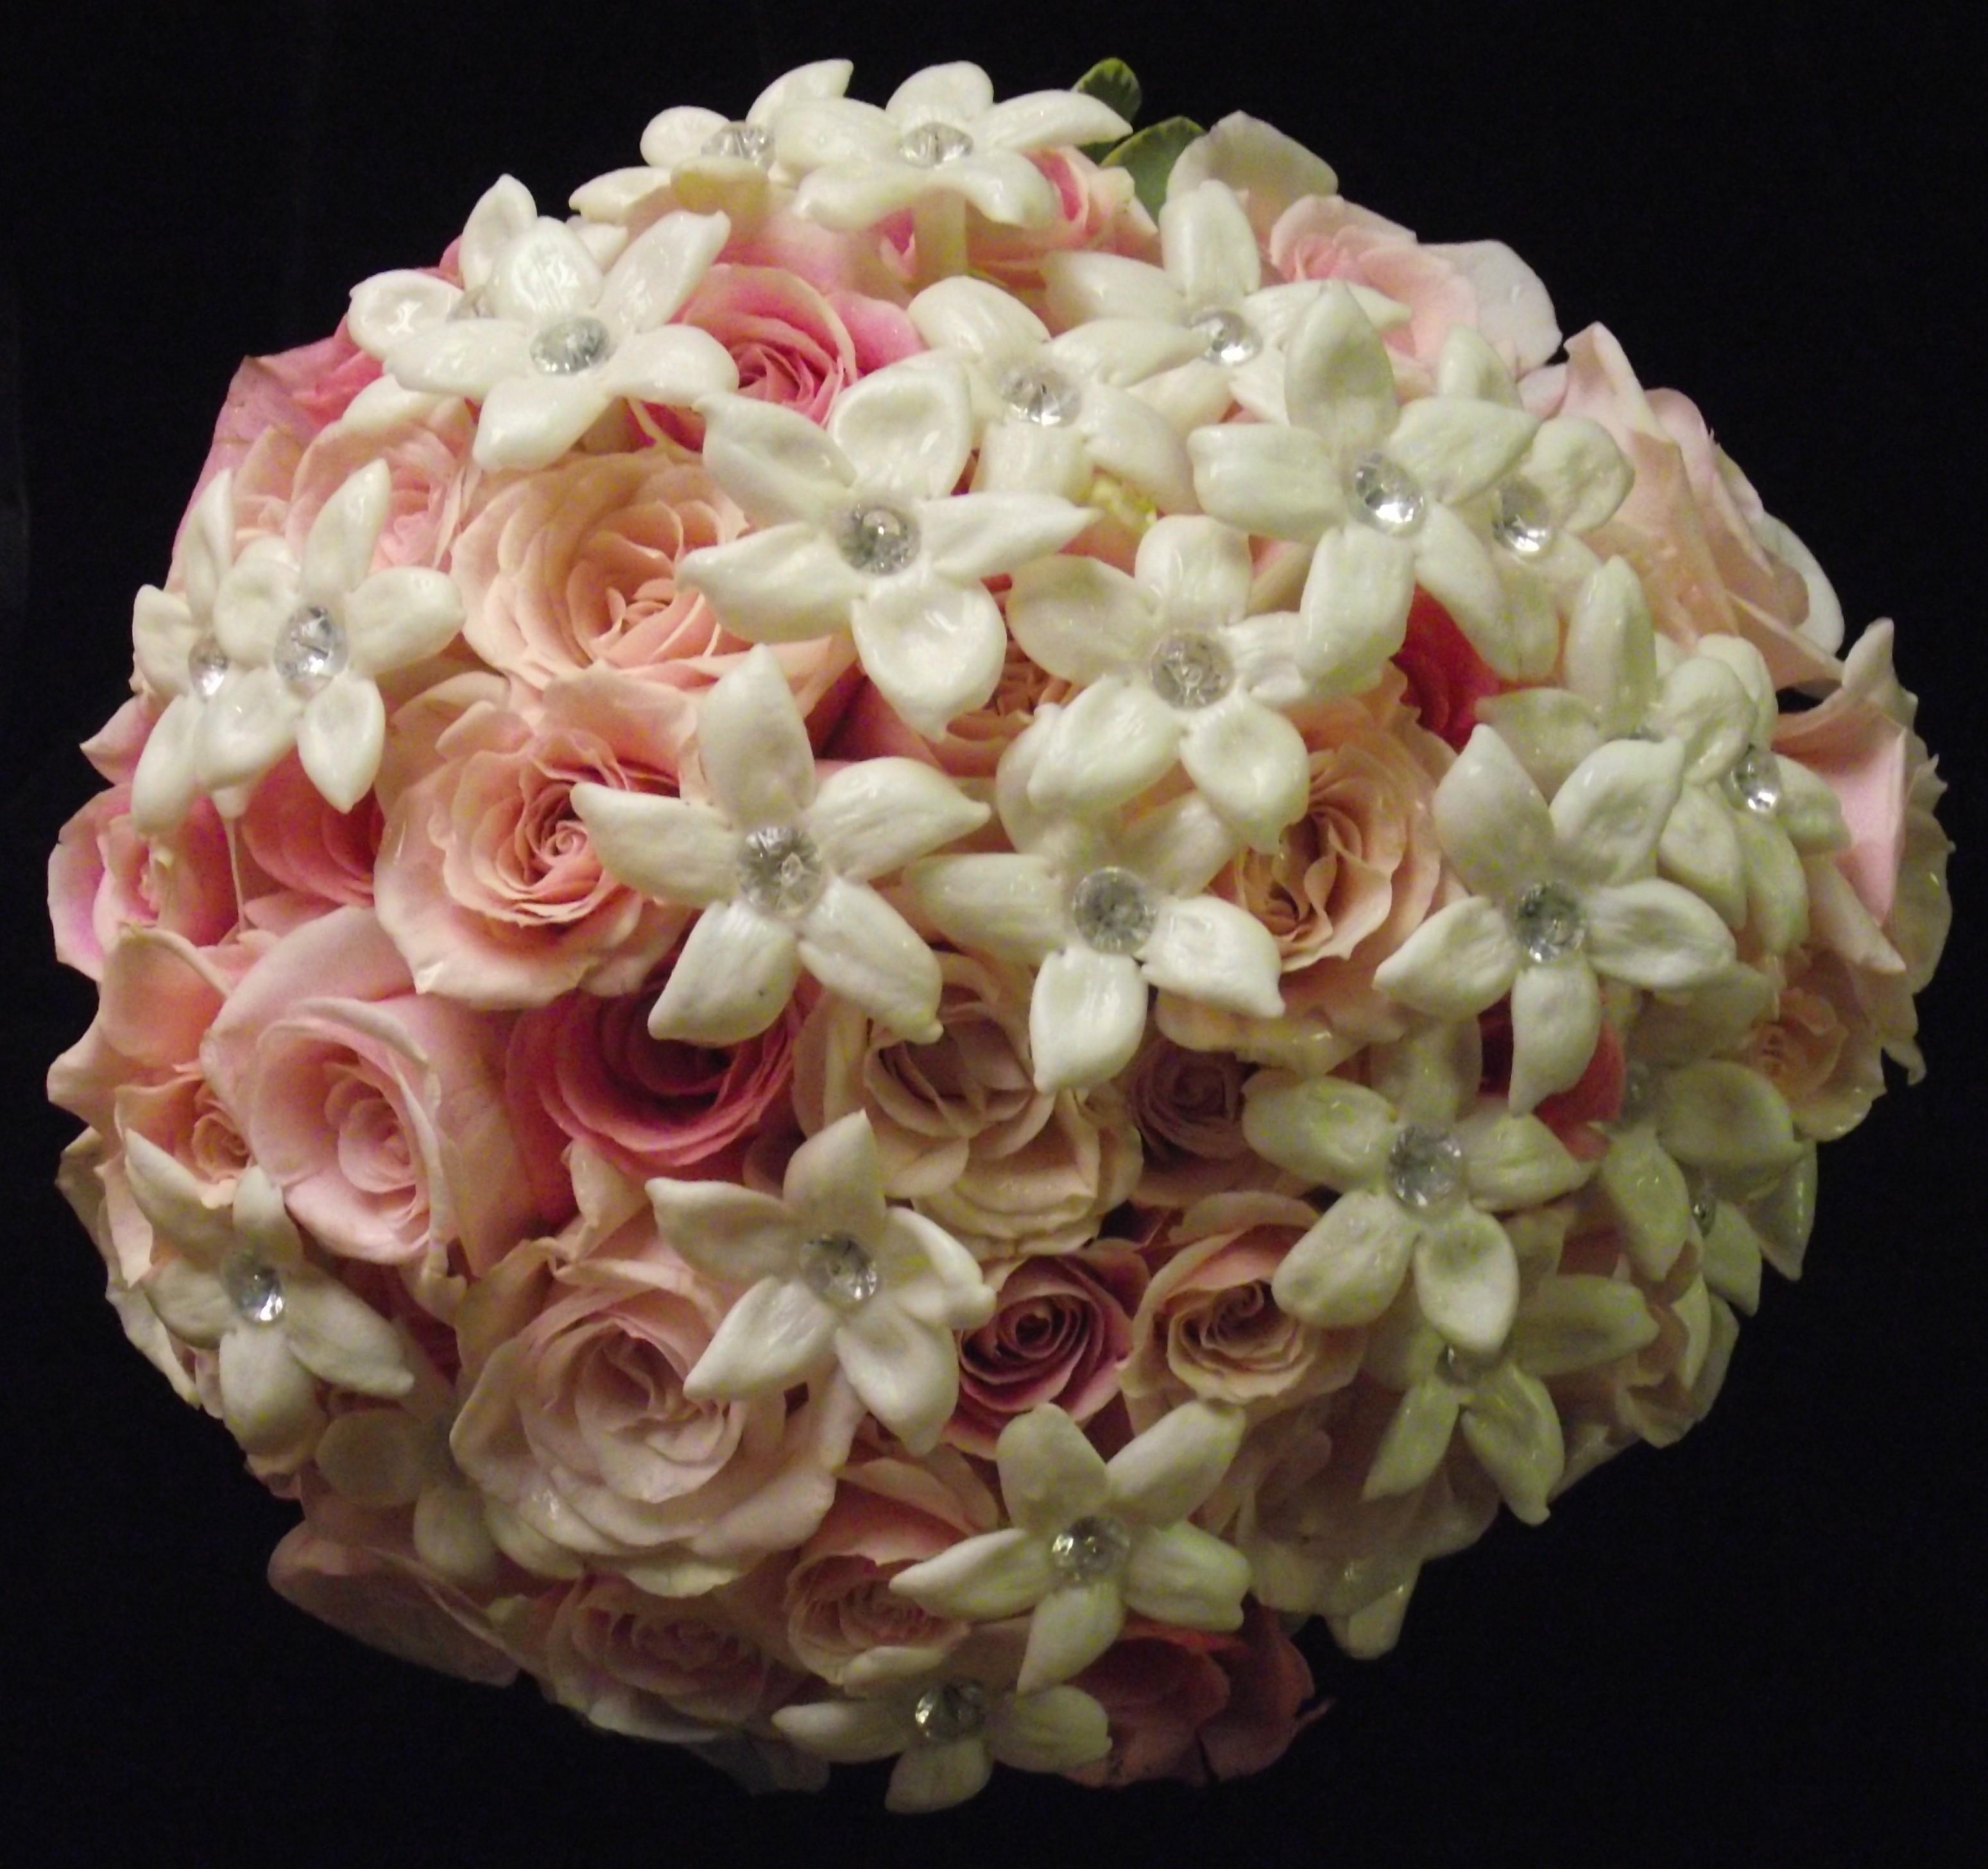 Wedding Bouquet Berlin Nj